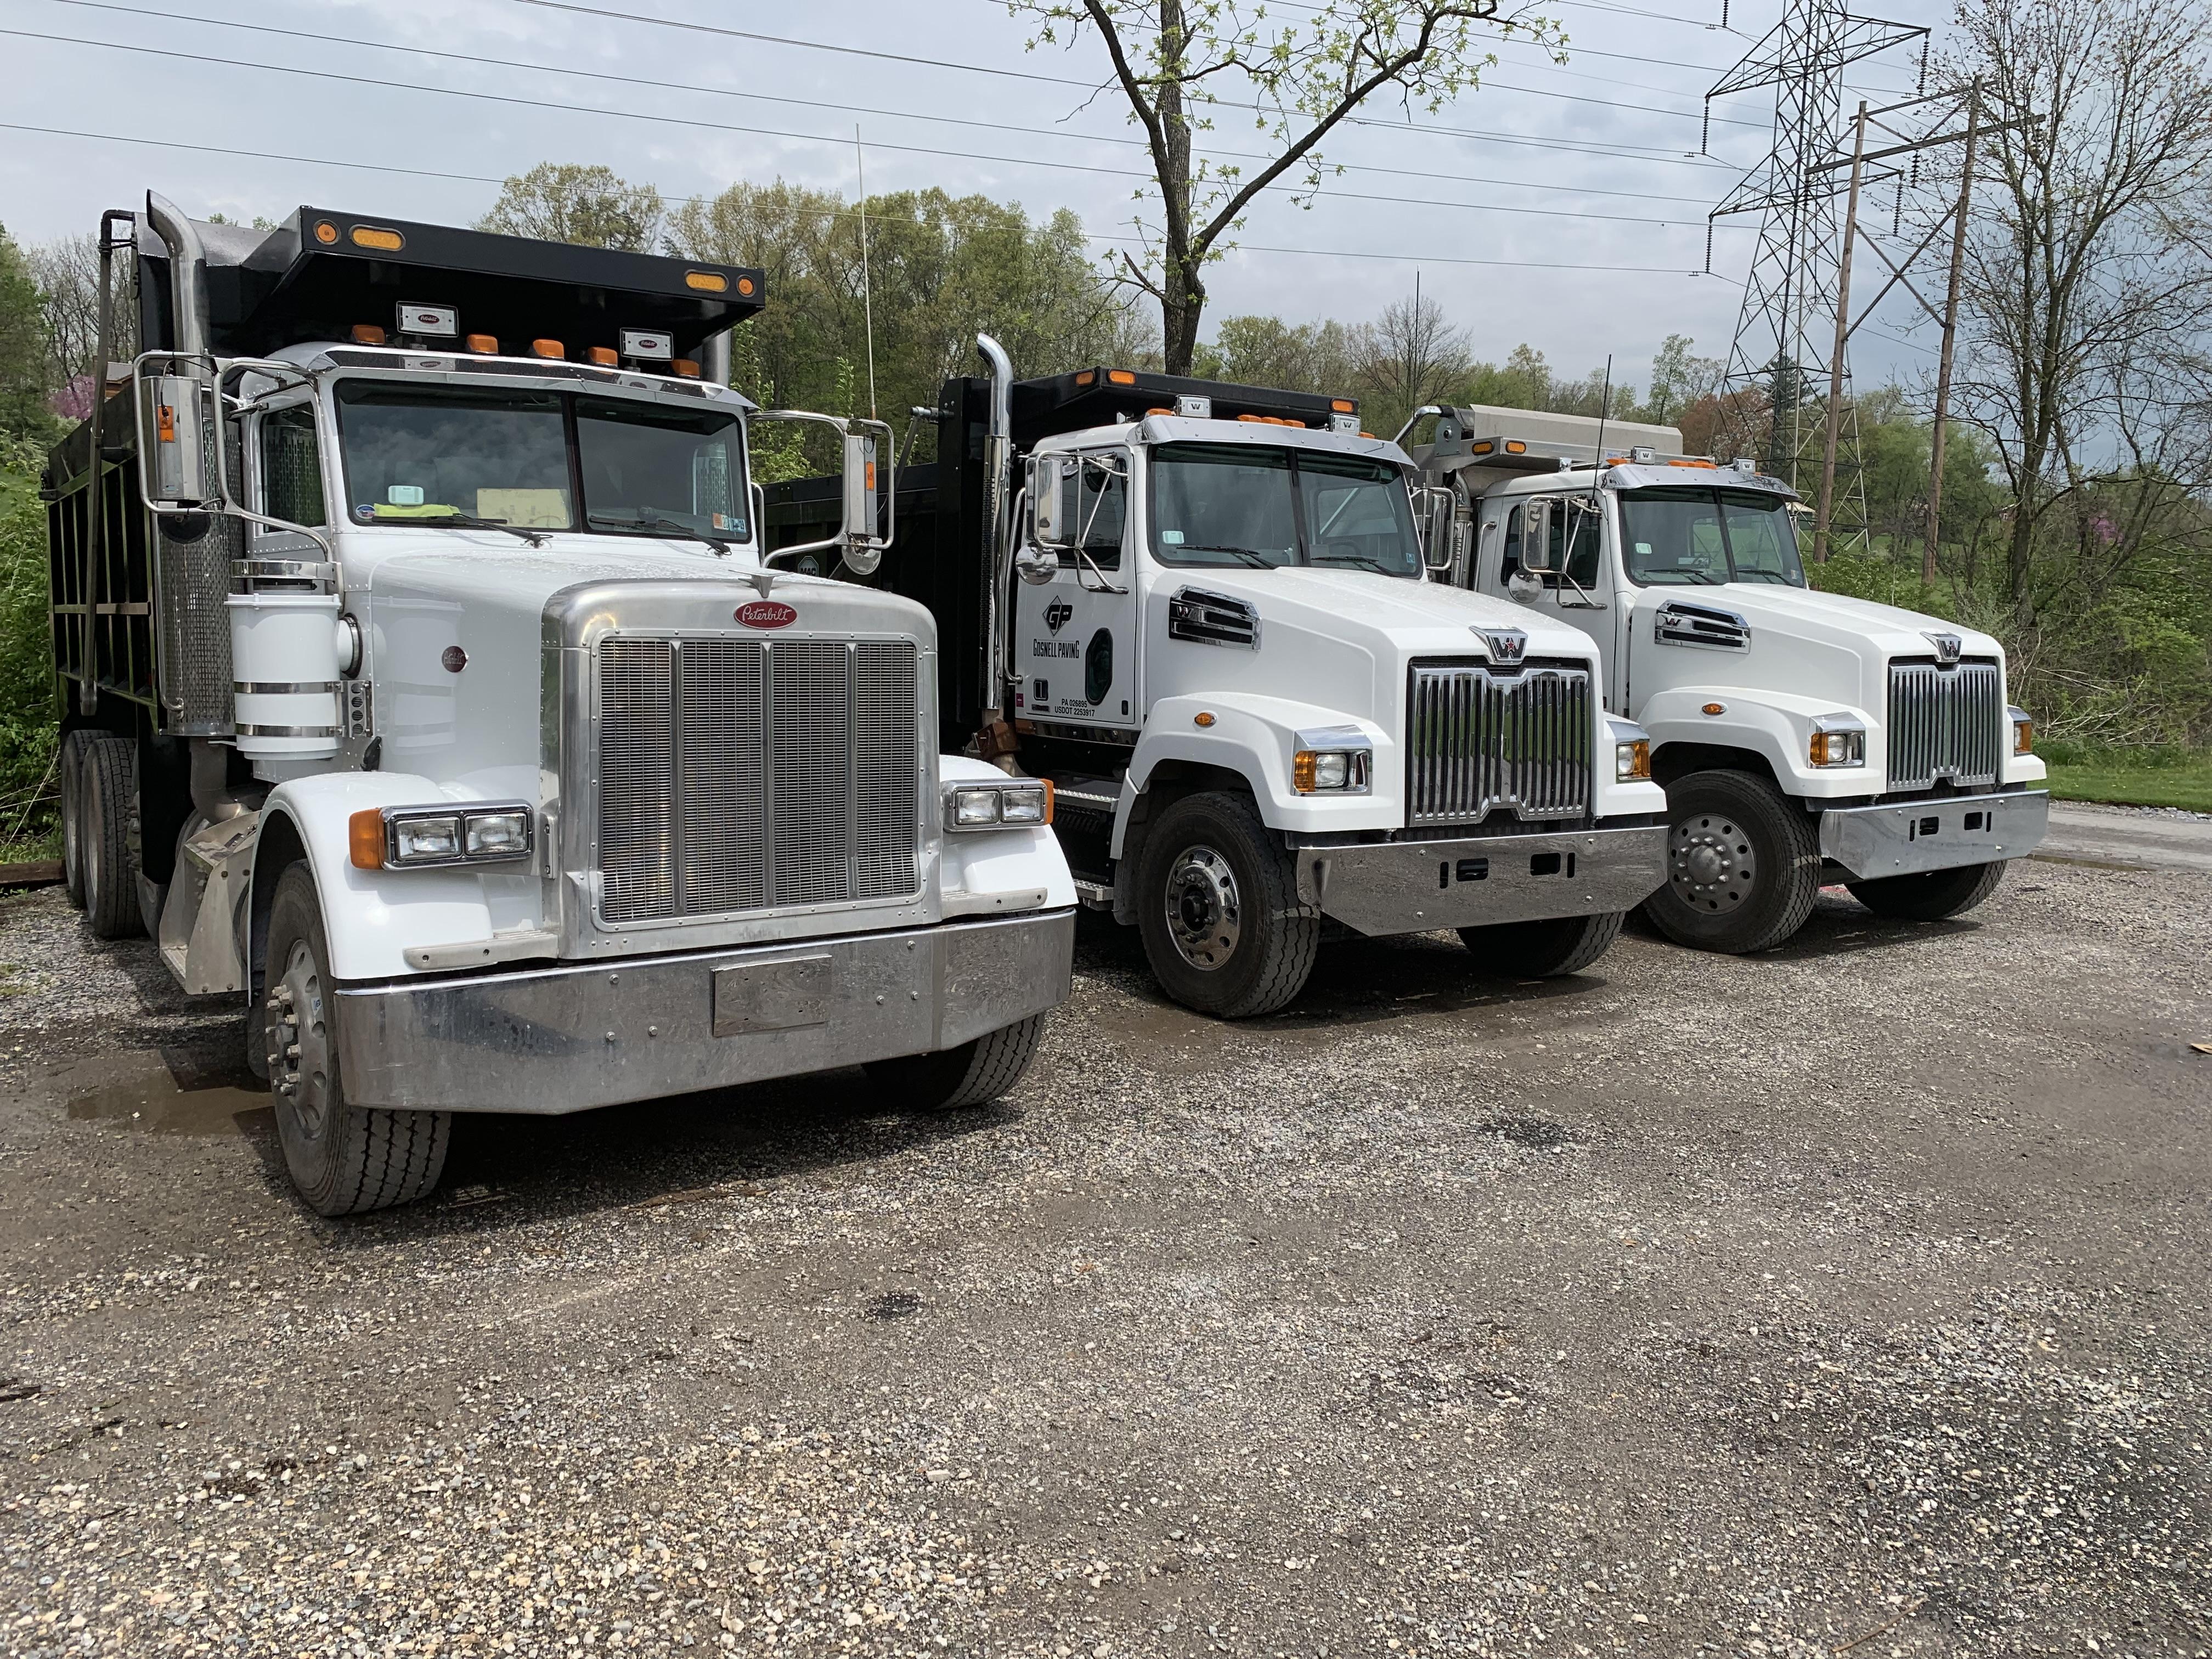 Paving Trucks